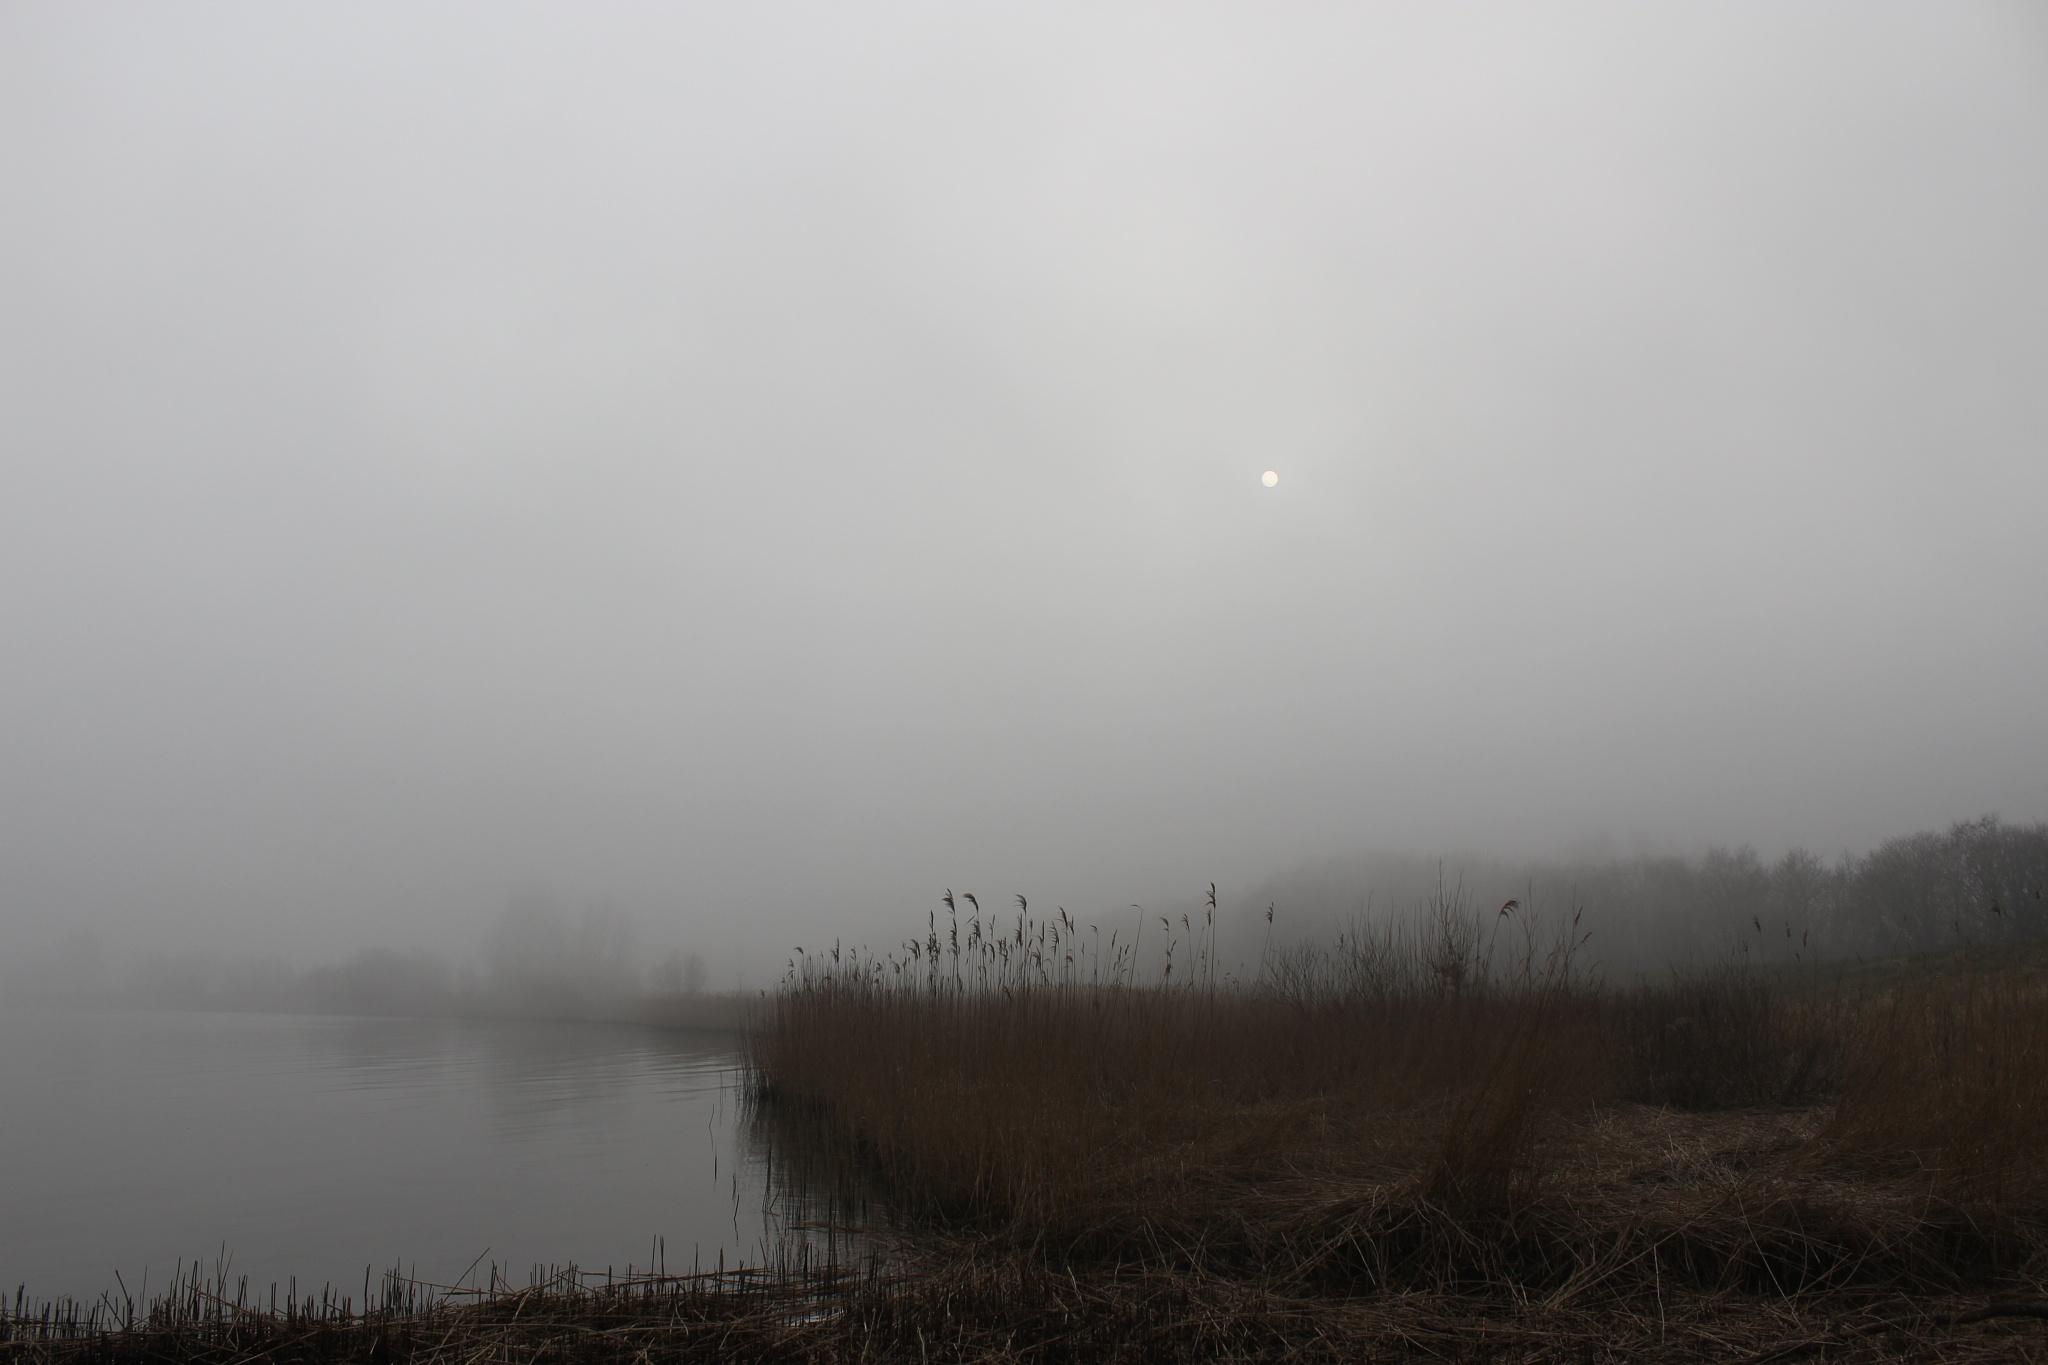 Misty Morning Den Oever by Sietze Buurma